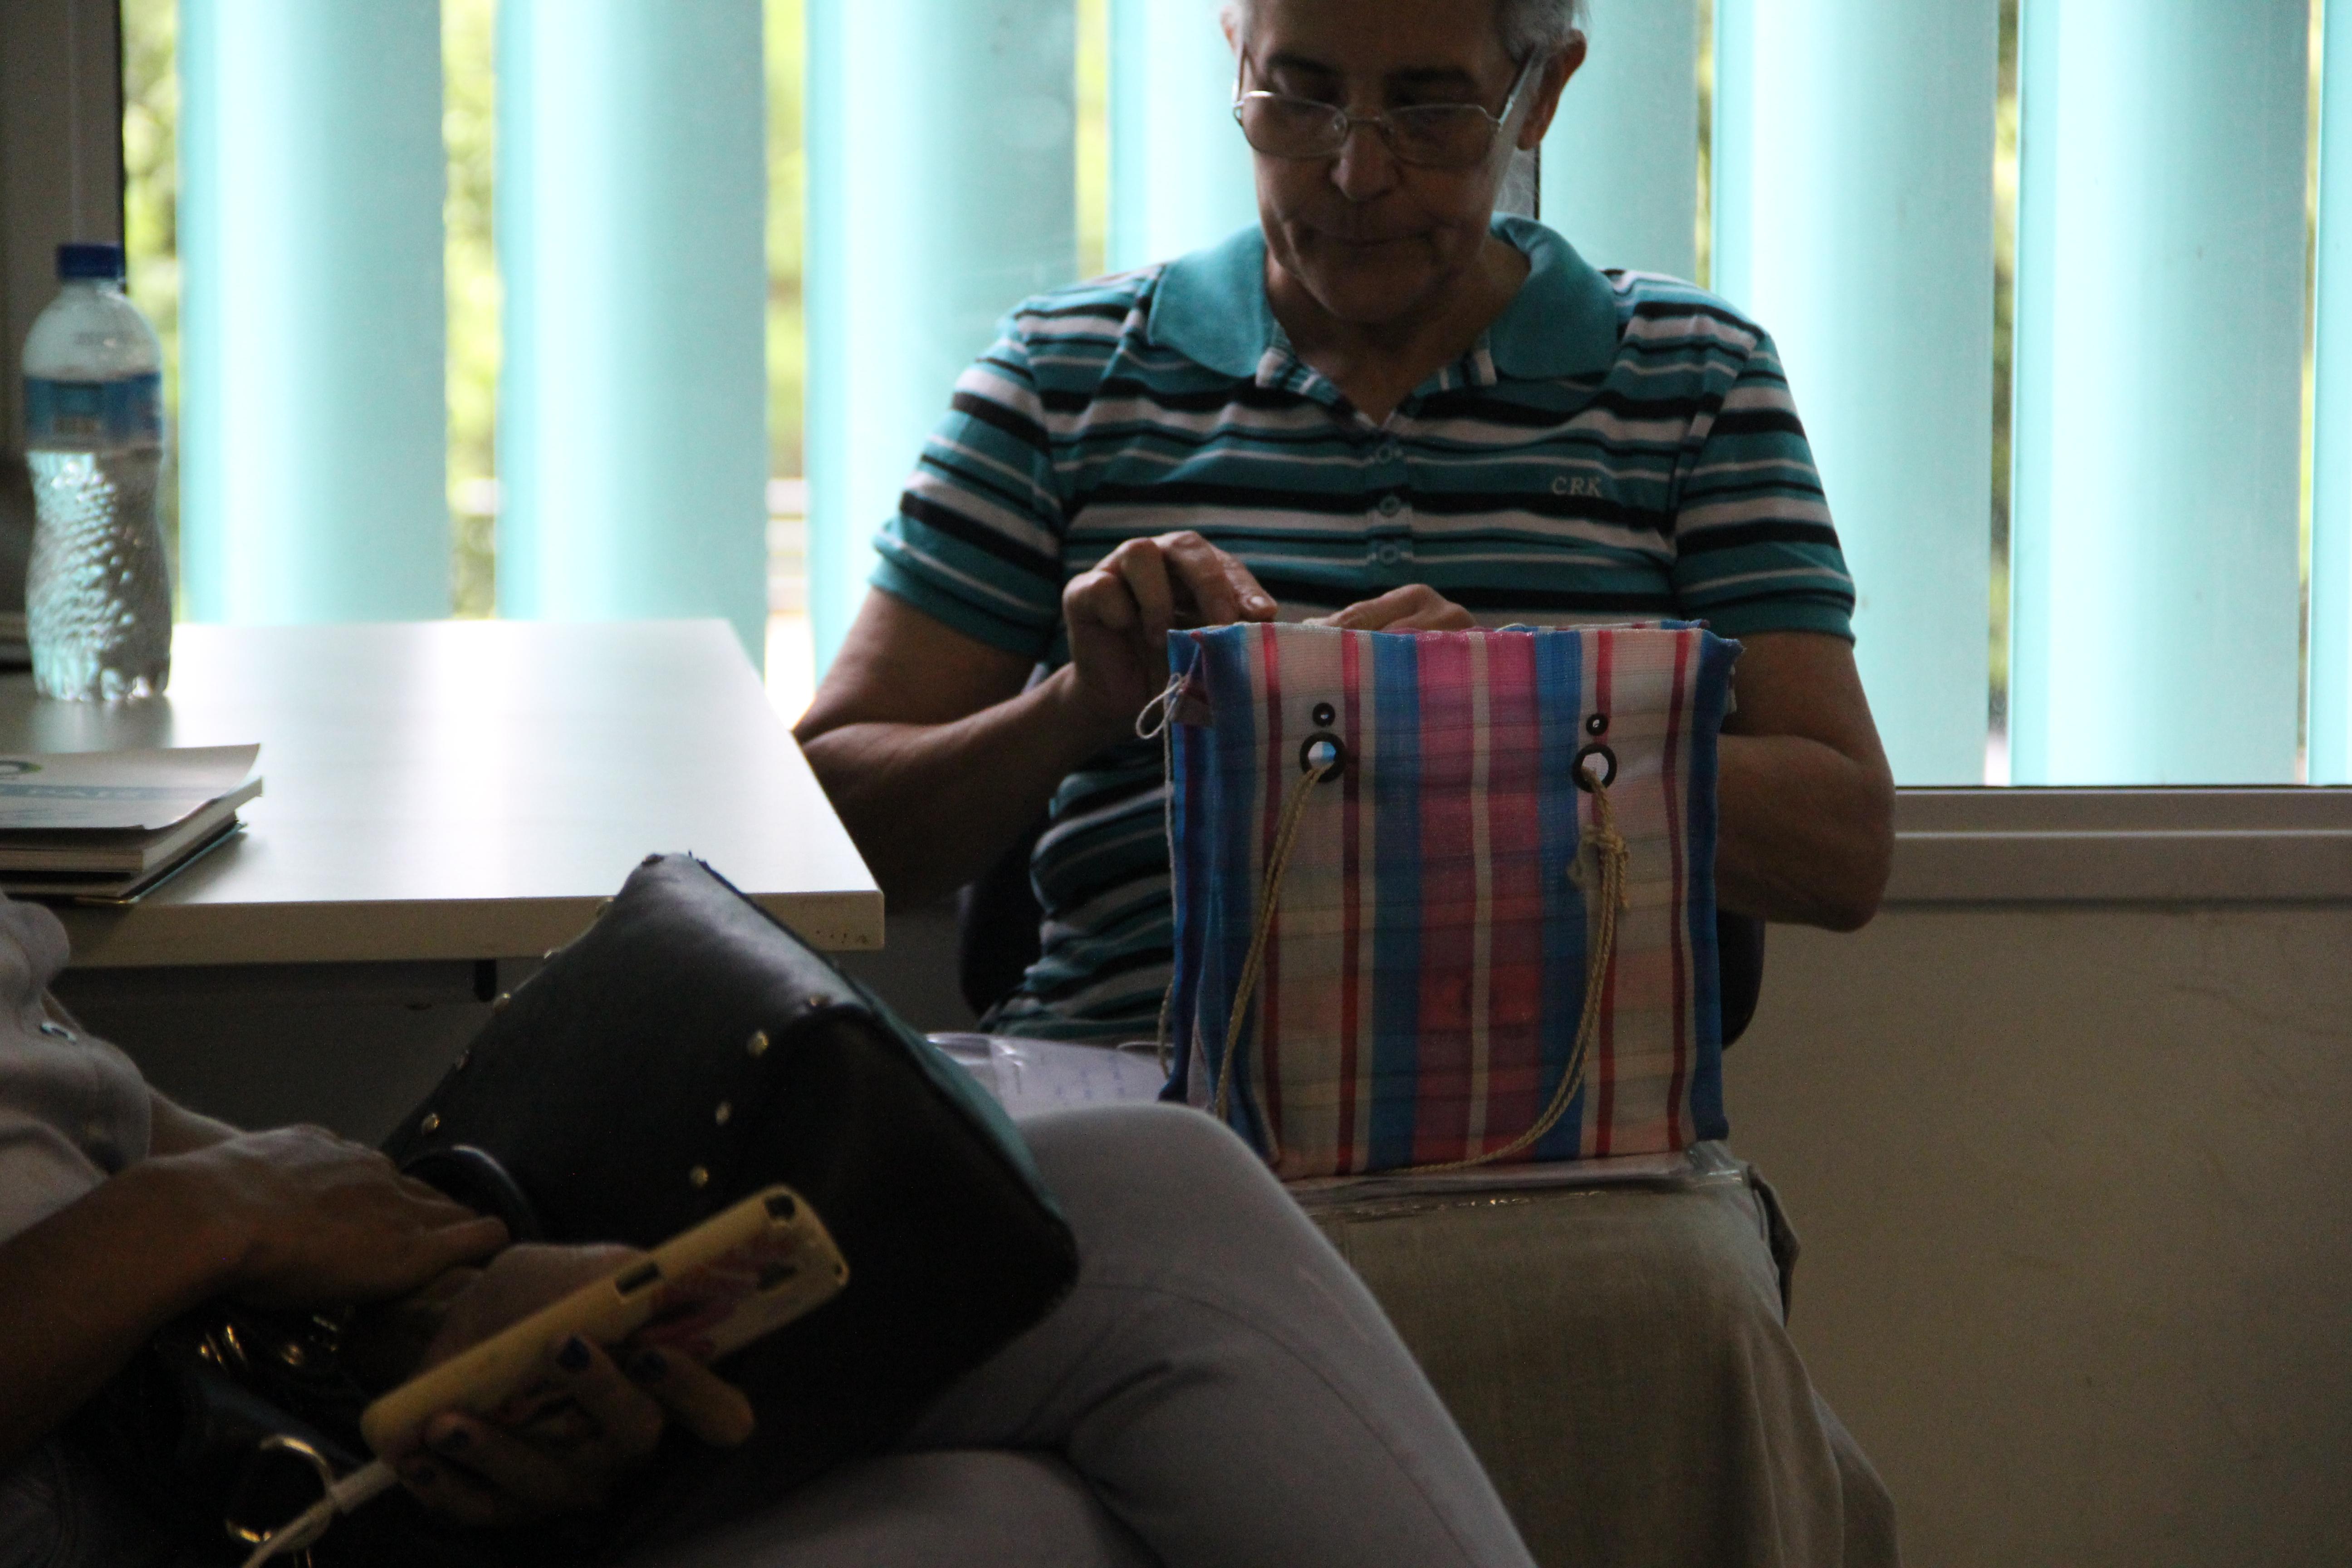 A aposentada Helena Braga aguarda atendimento na defensoria de Goiás para sua amiga que tem Lúpus/ Fotos: Luiz da Luz